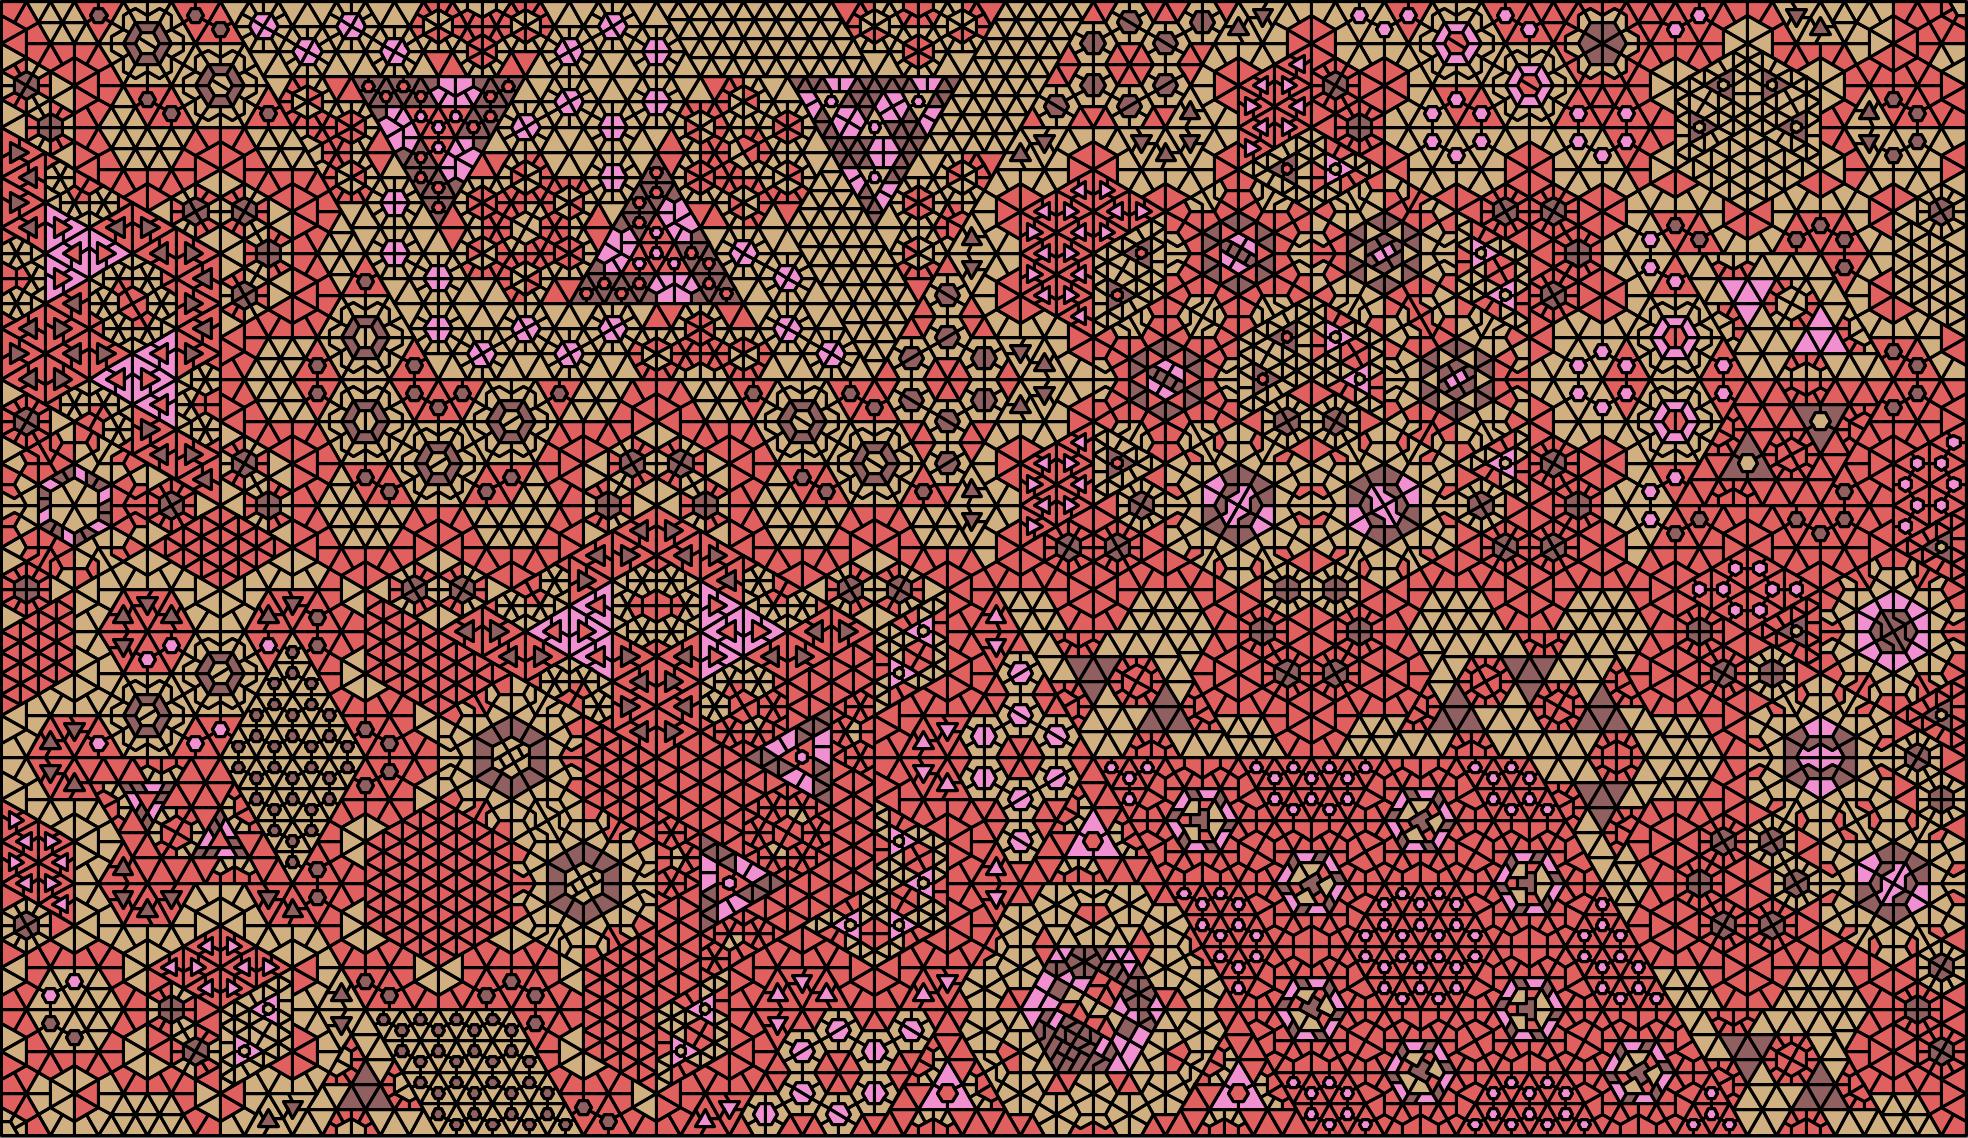 forsythia fractal sample 2